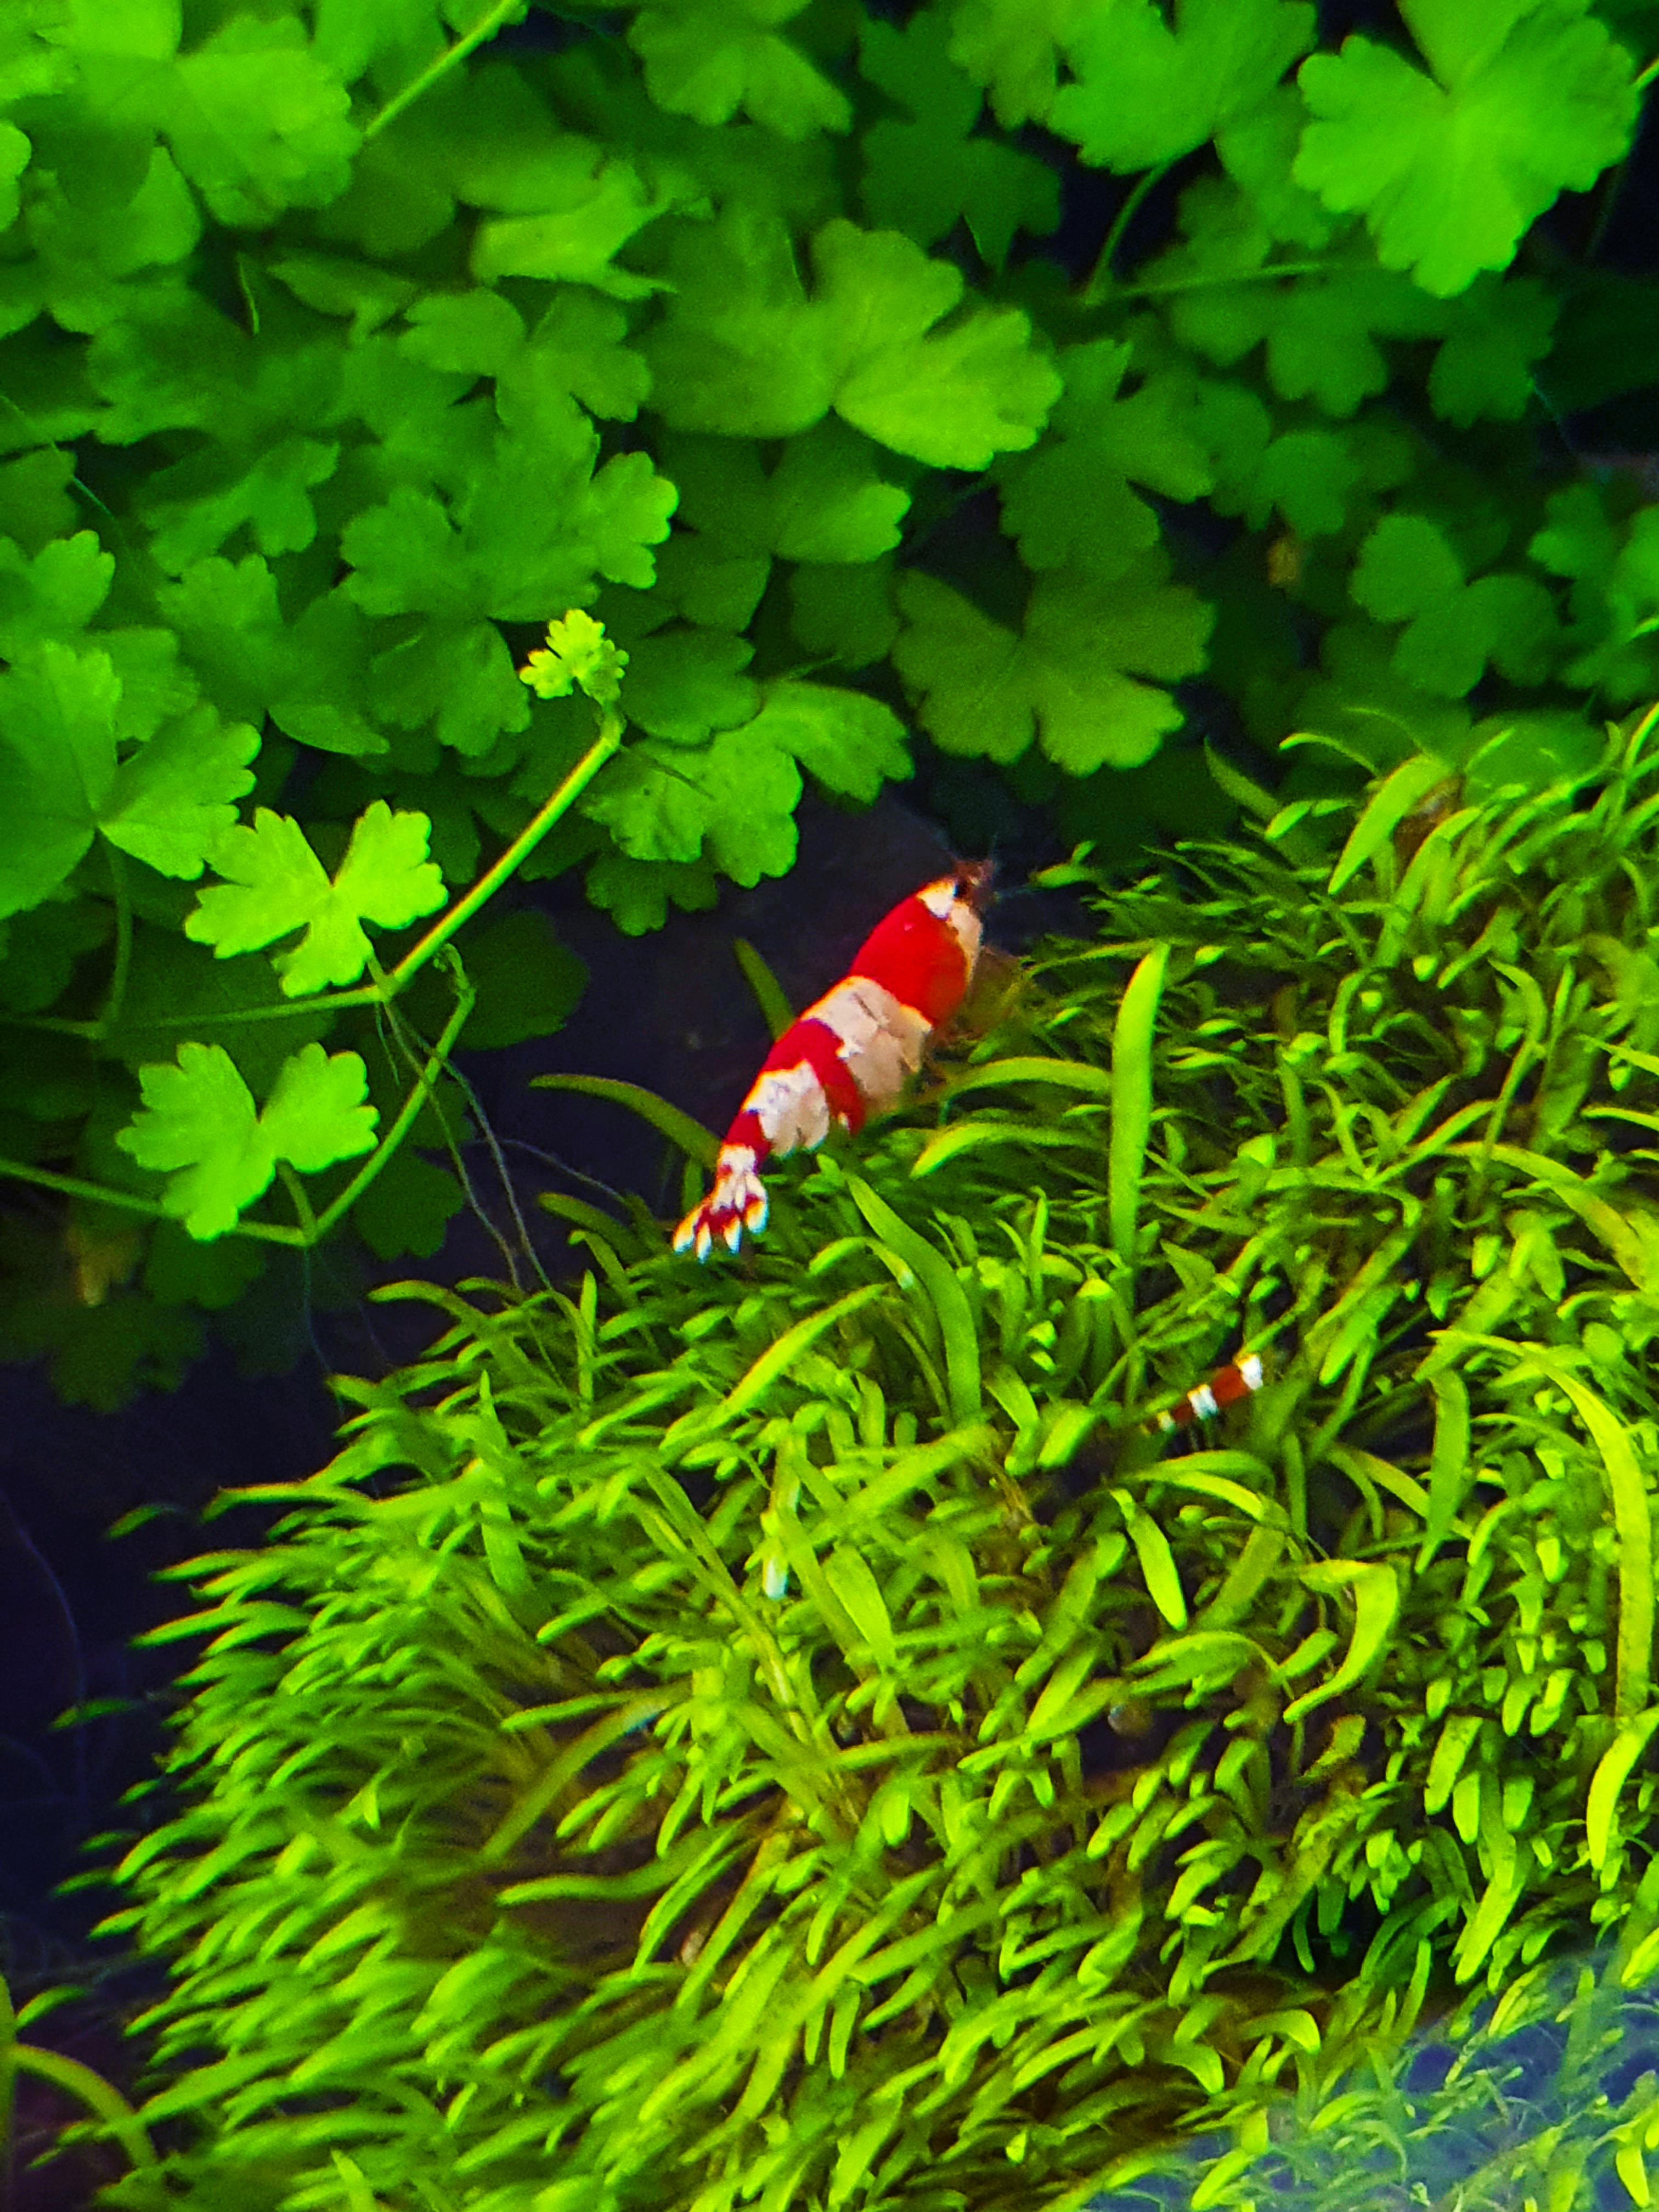 2020-07-28 - Baby Shrimp 2.jpg